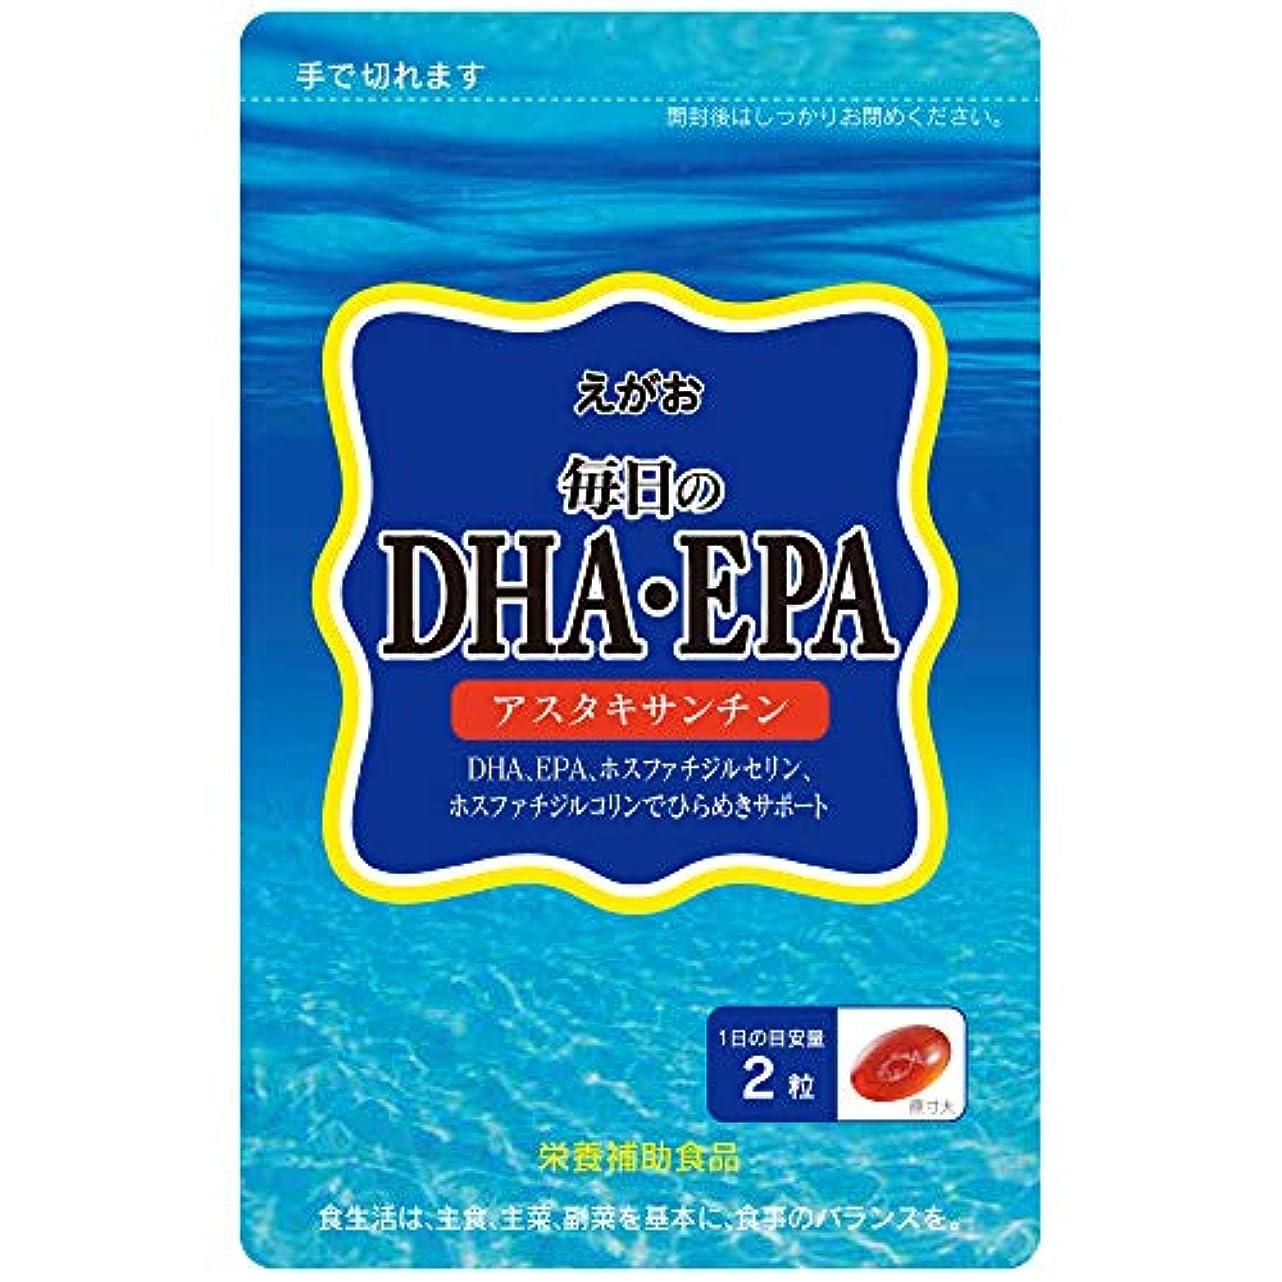 警戒ファントム甥えがお 毎日の DHA ? EPA 【1袋】(1袋/62粒入り 約1ヵ月分) 栄養補助食品